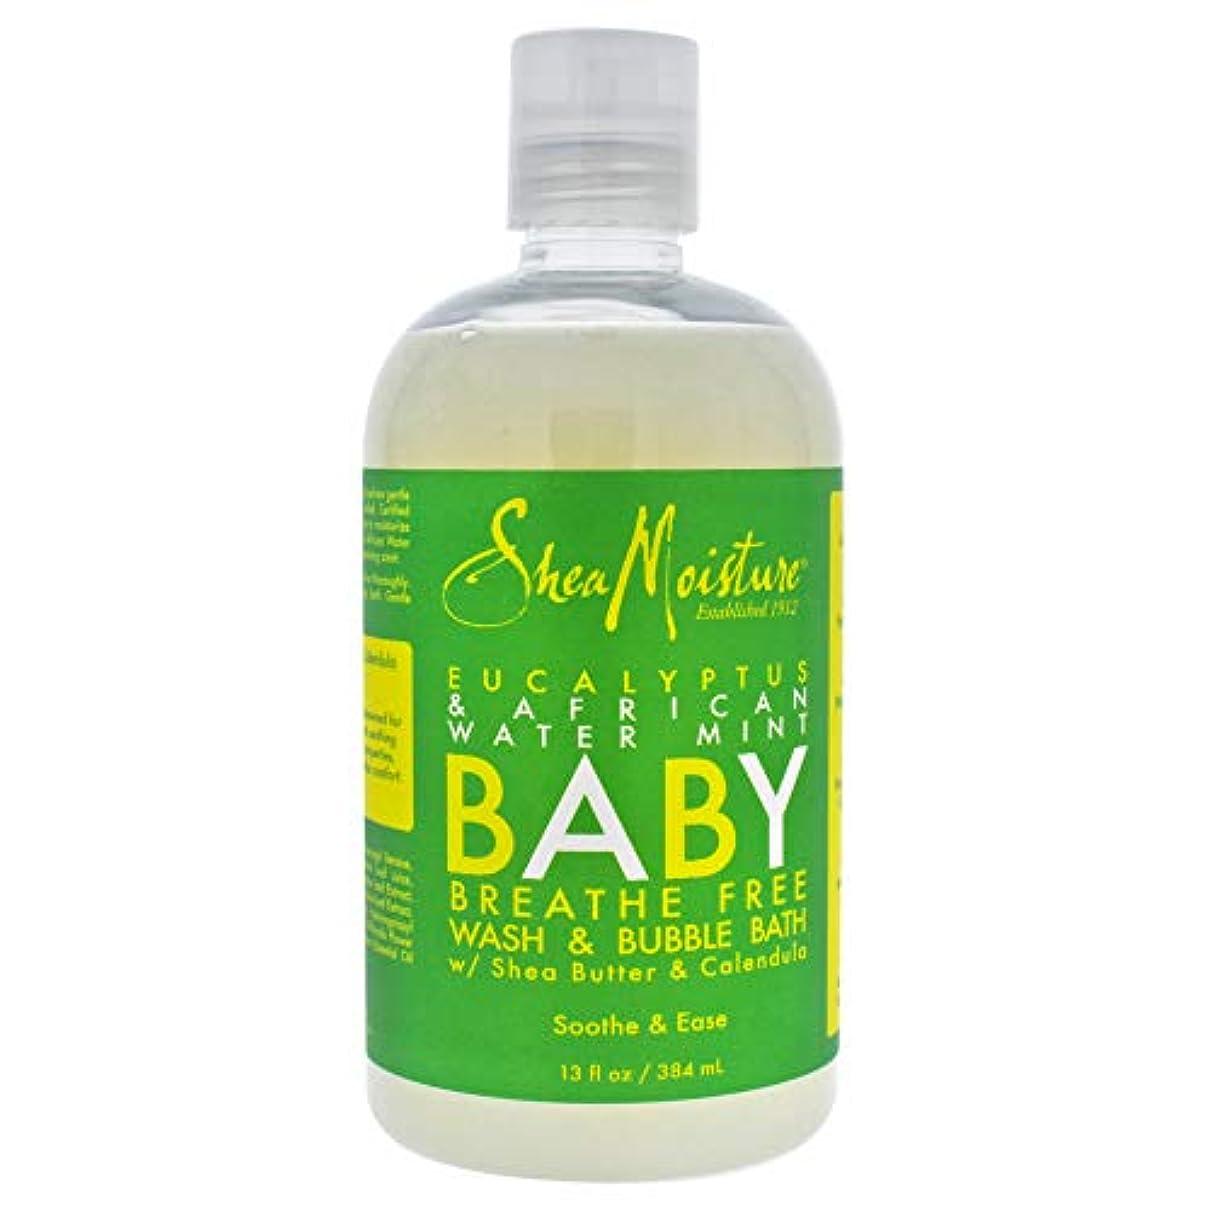 足首早熟汚れるEucalyptus & African Water Mint Baby Breathe Free Wash & Bubble Bath